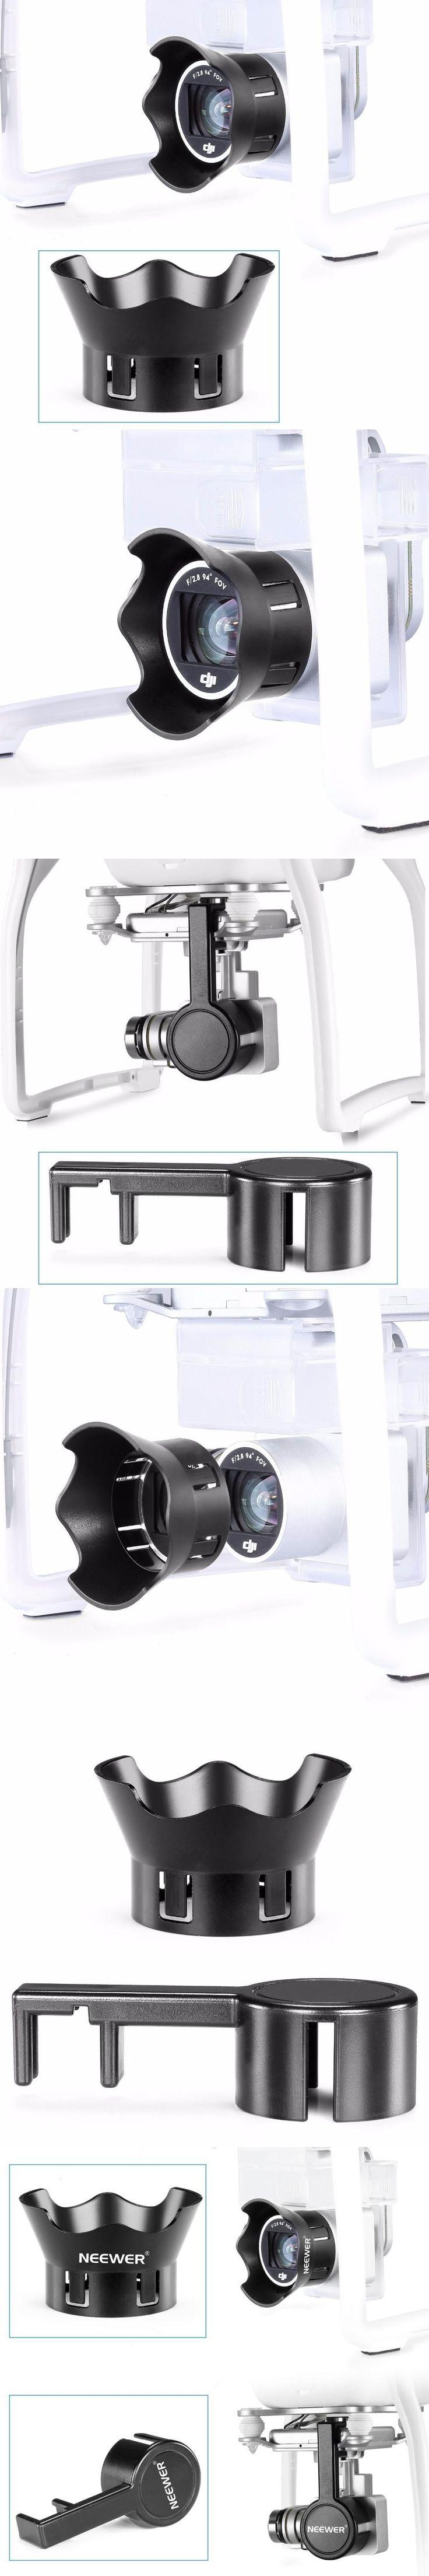 Комплект наклеек карбон для dji спарк комбо купить очки гуглес для квадрокоптера в благовещенск